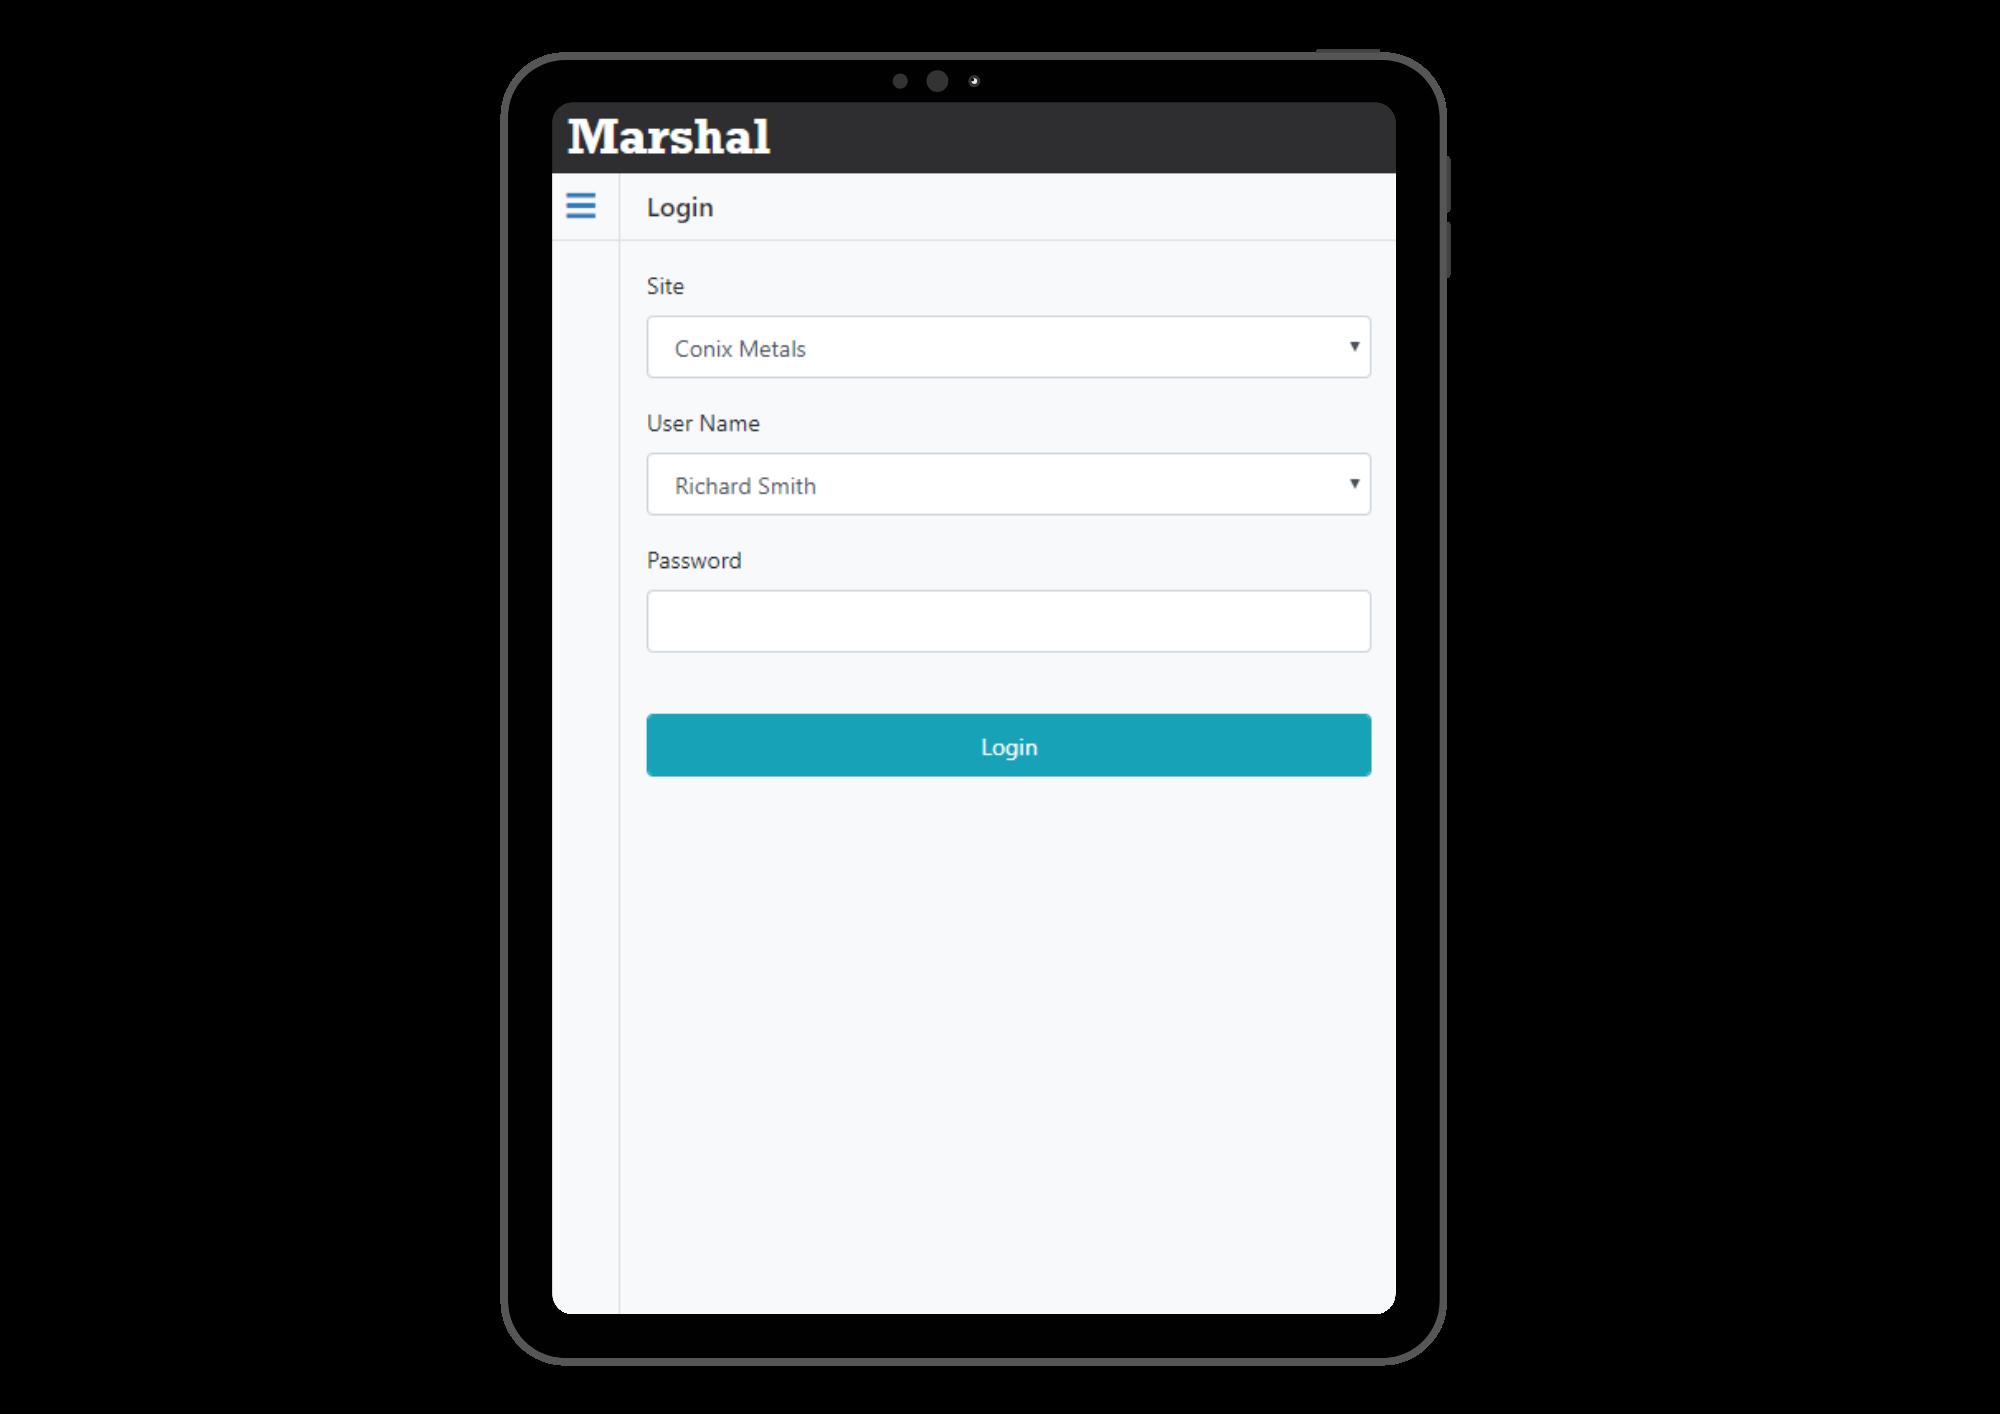 Marhsal Login page